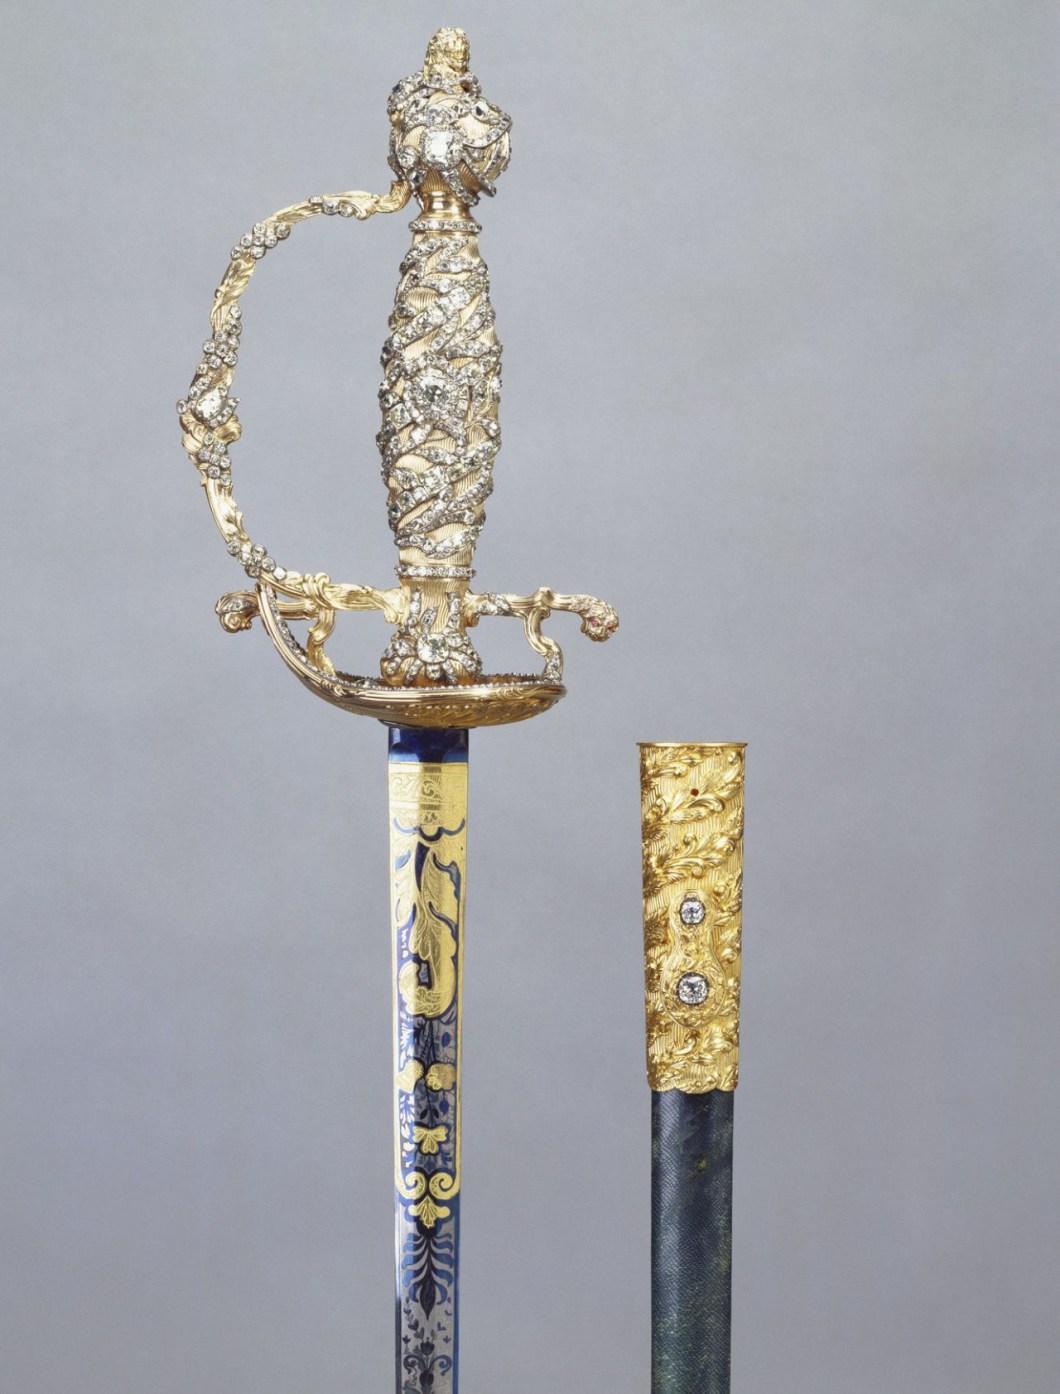 Beşinci george un kılıcı